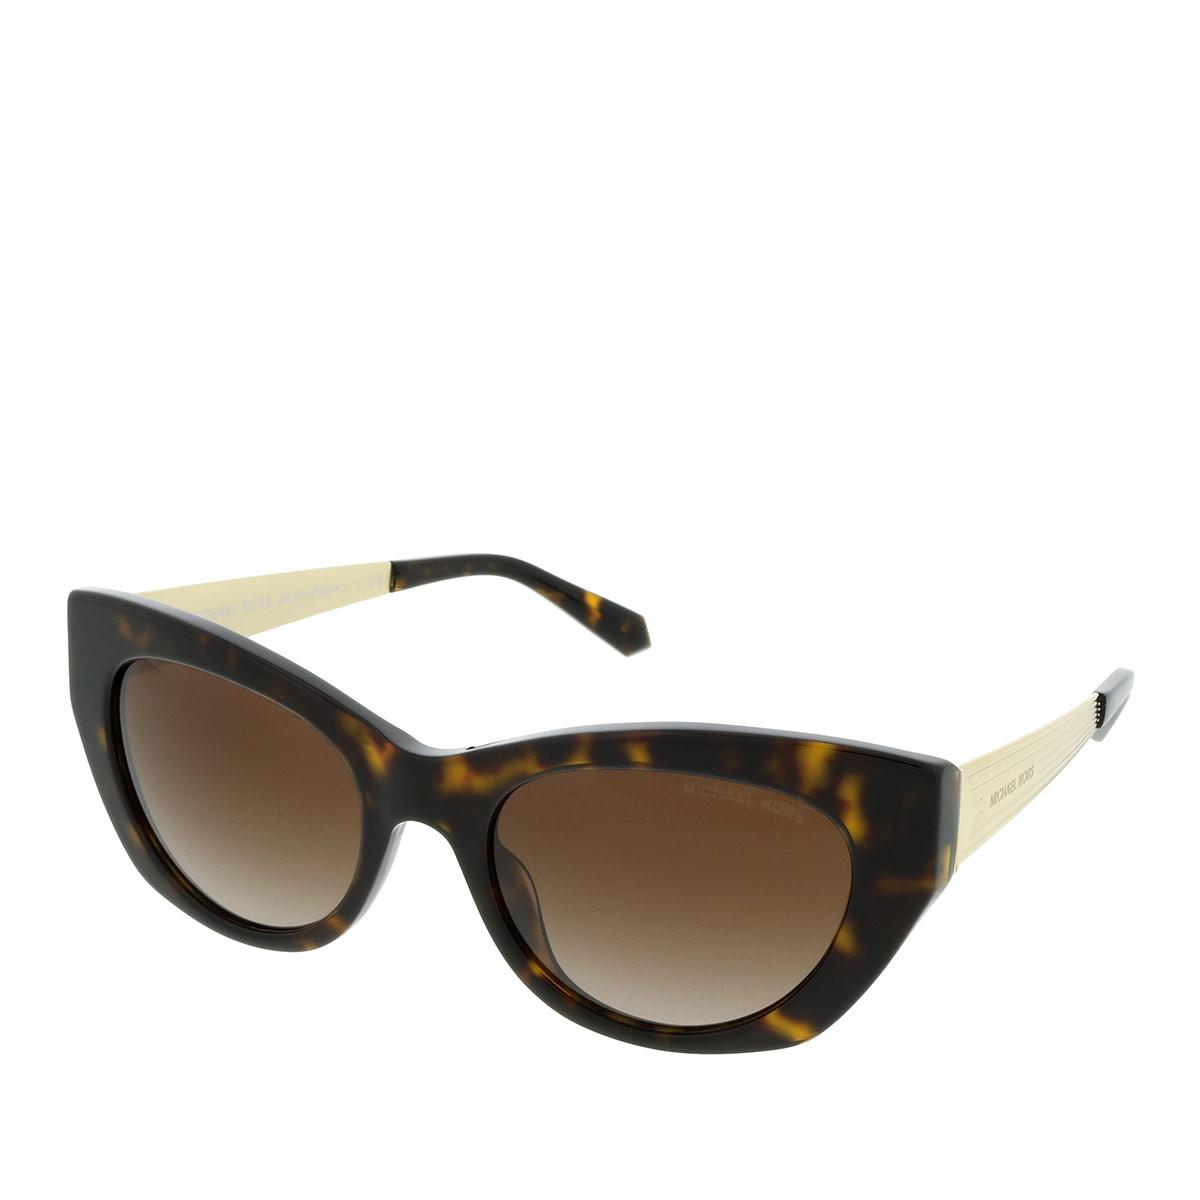 Michael Kors Sonnenbrille - MK 0MK2091 51 300613 - in braun - für Damen